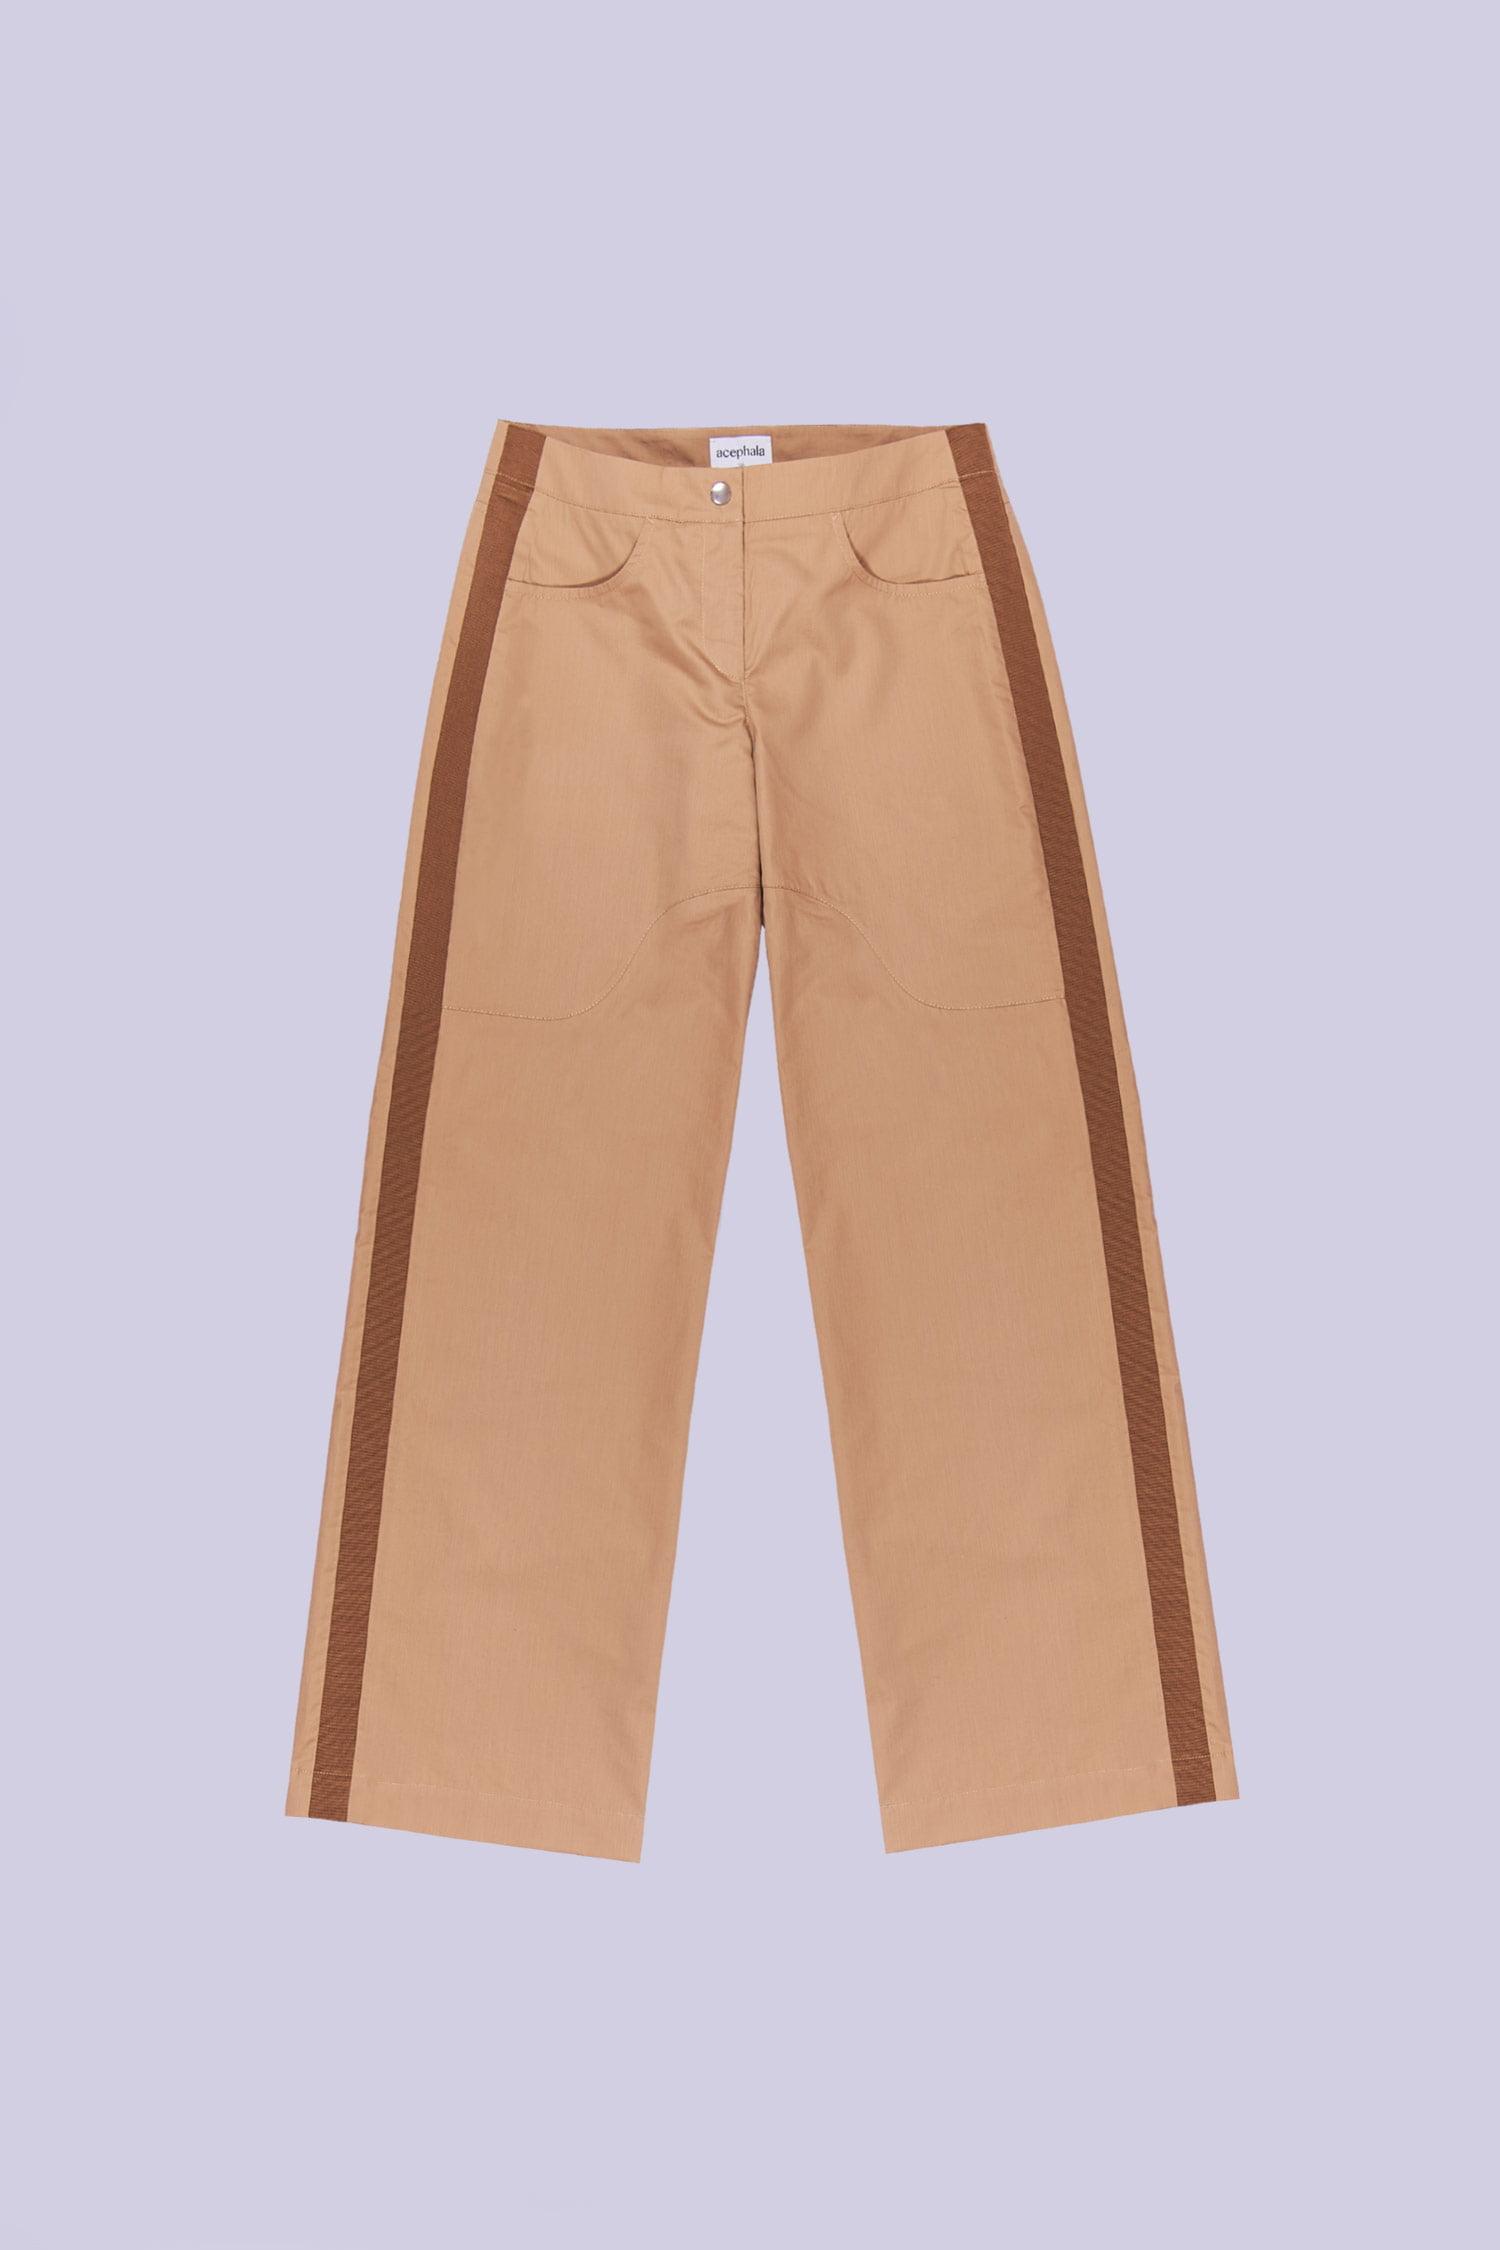 Acephala Ss20 Packshot Beige Cargo Trousers Spodnie Bezowe 1500px